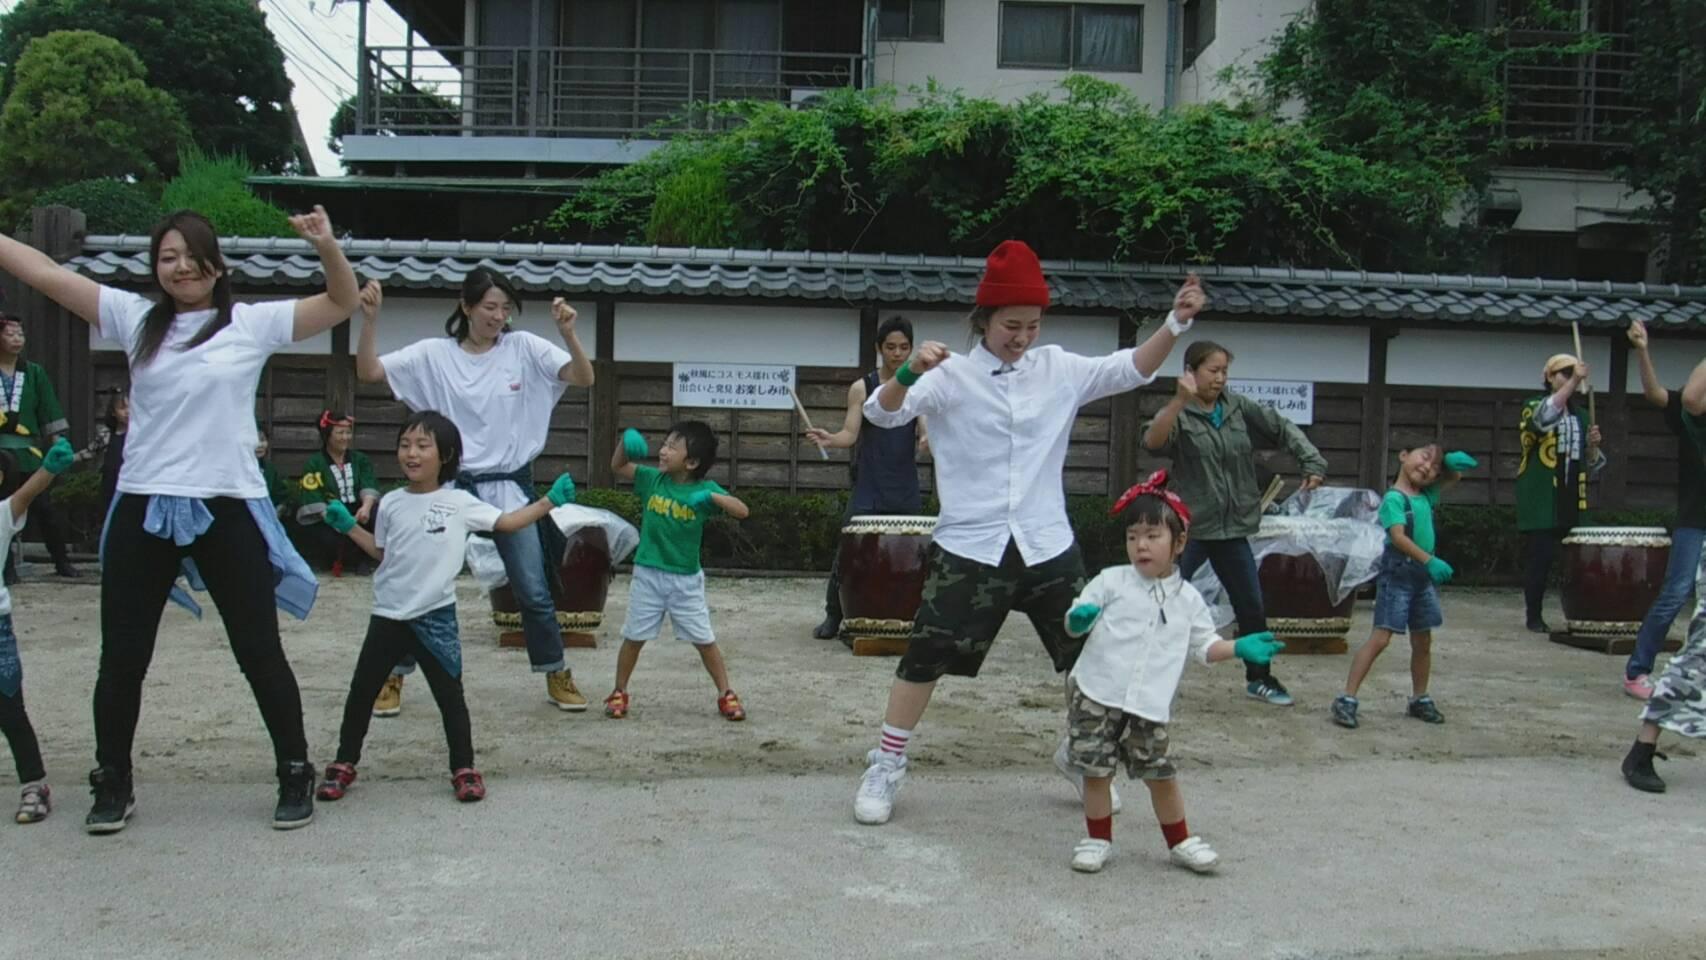 大半が親子ダンスデビューのお子さんたち...良い思い出です!